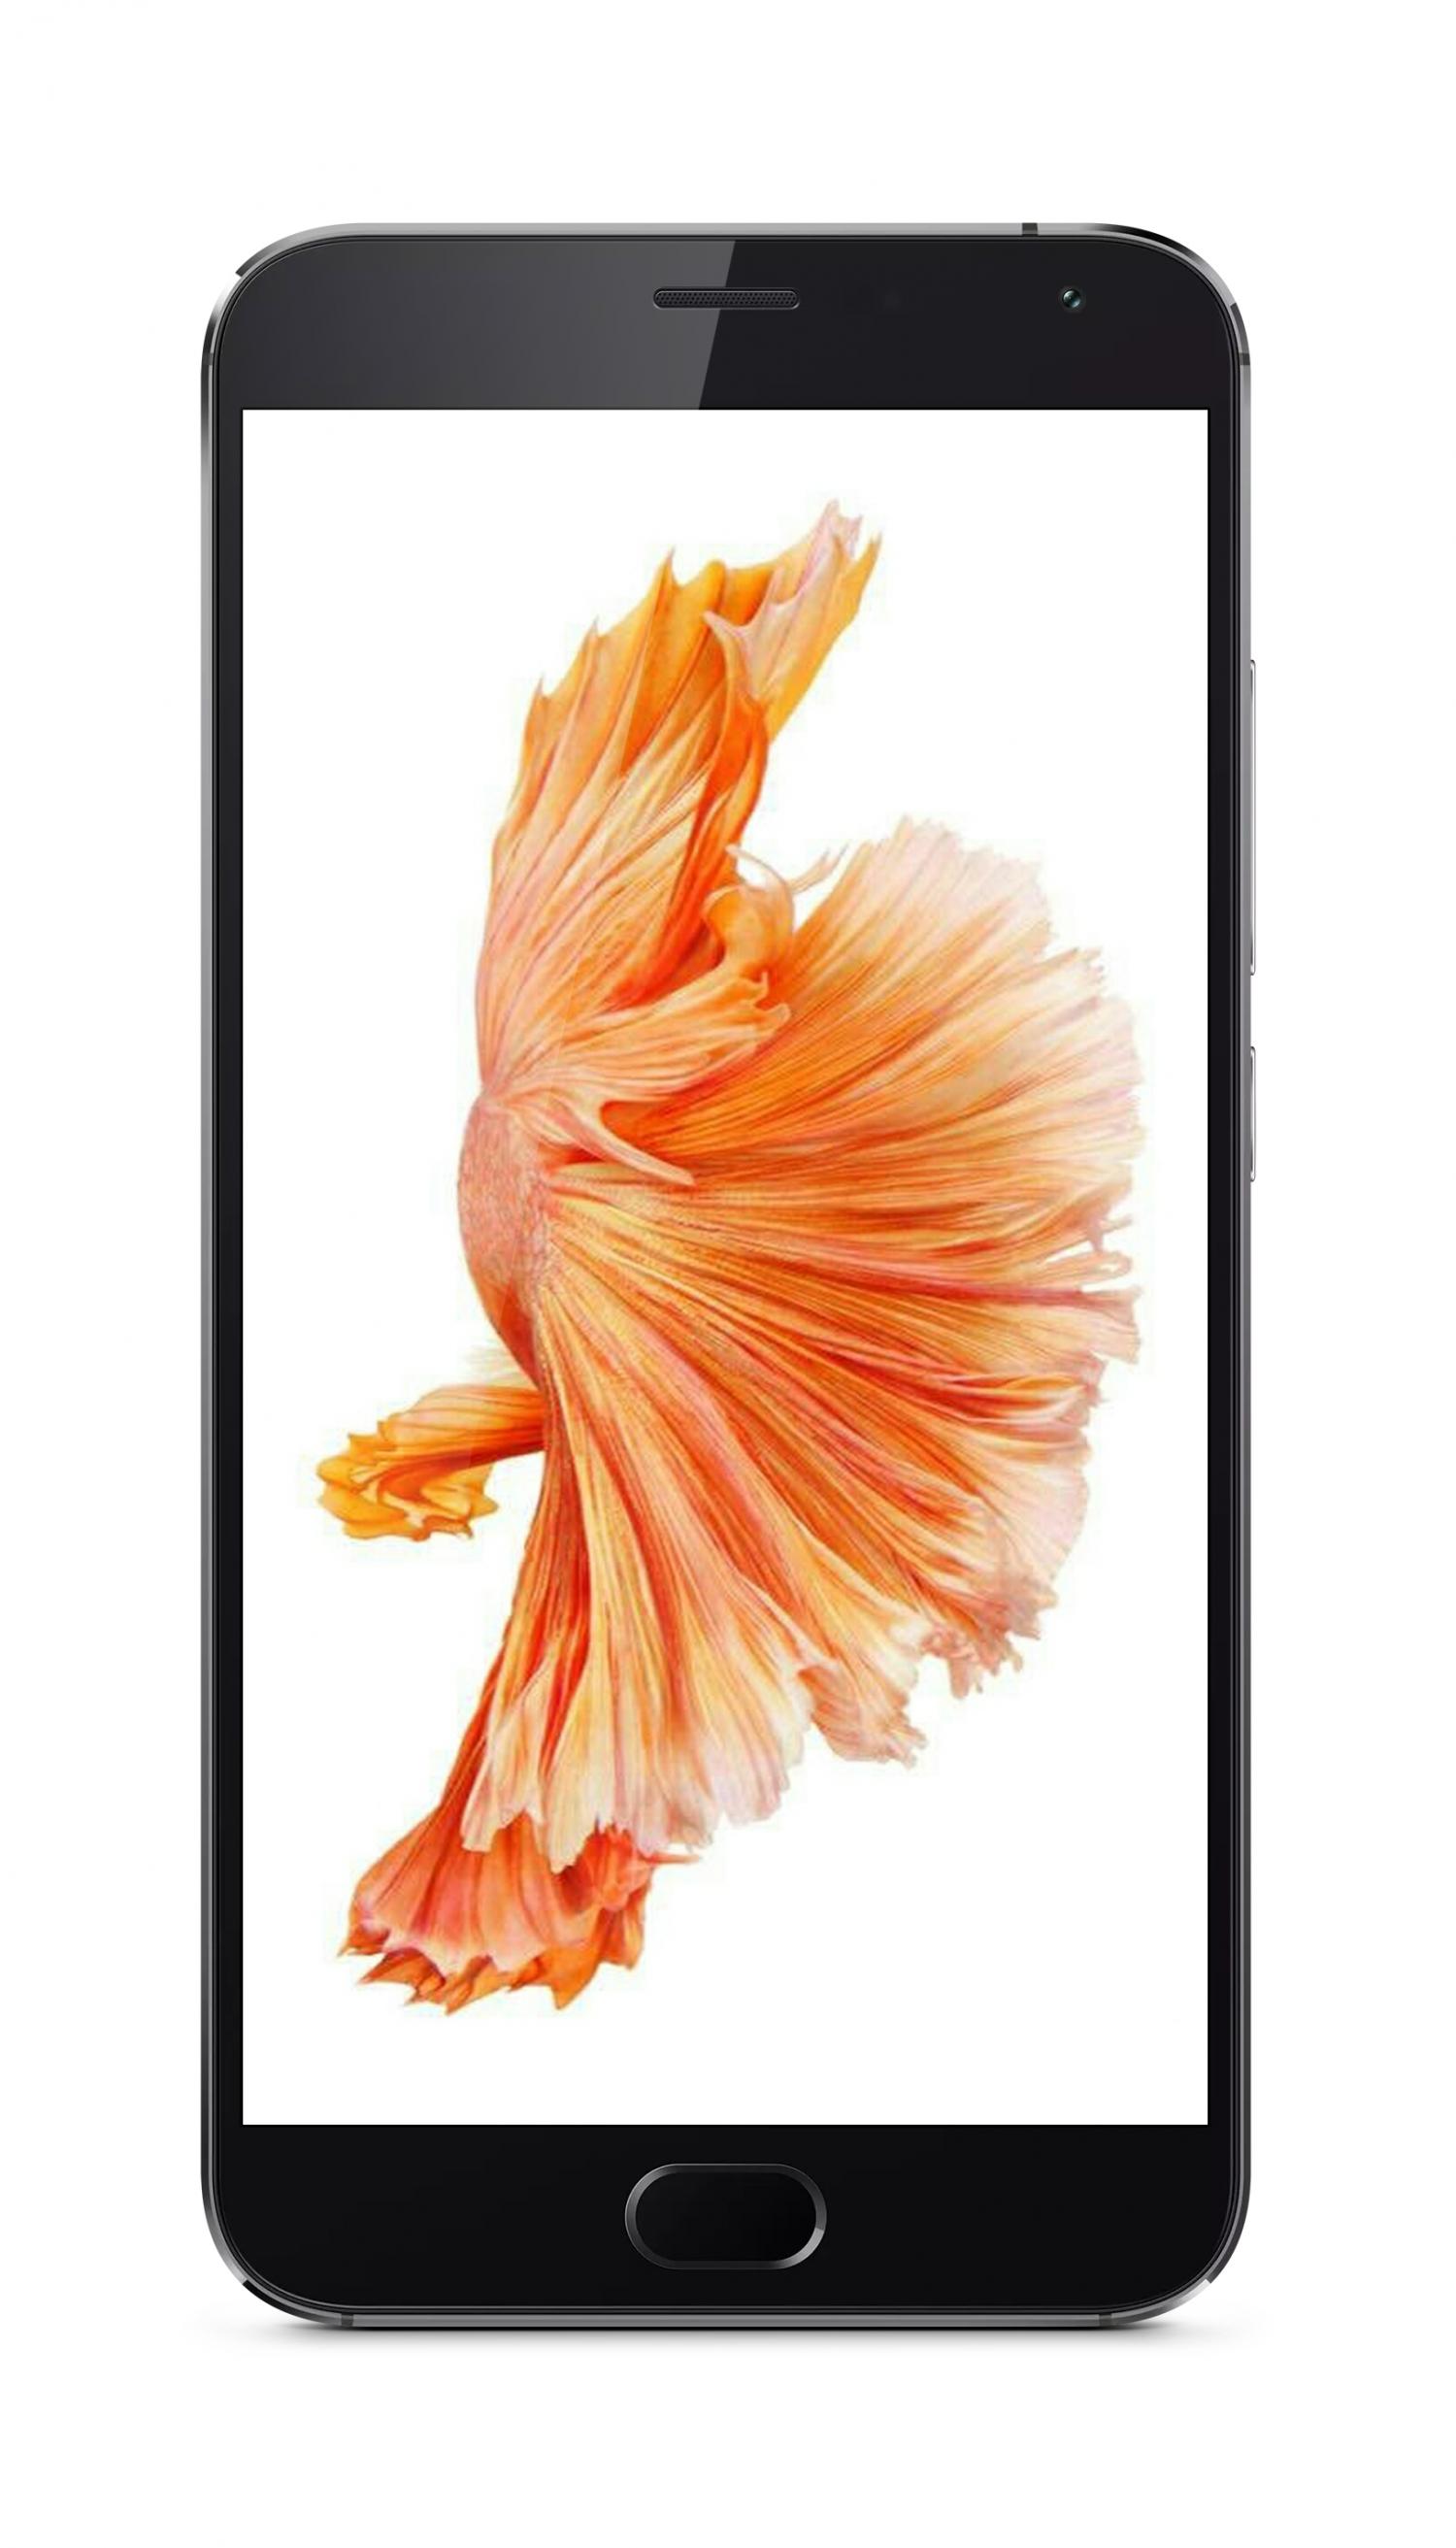 「資源組」蘋果iphone6s全新金魚壁紙